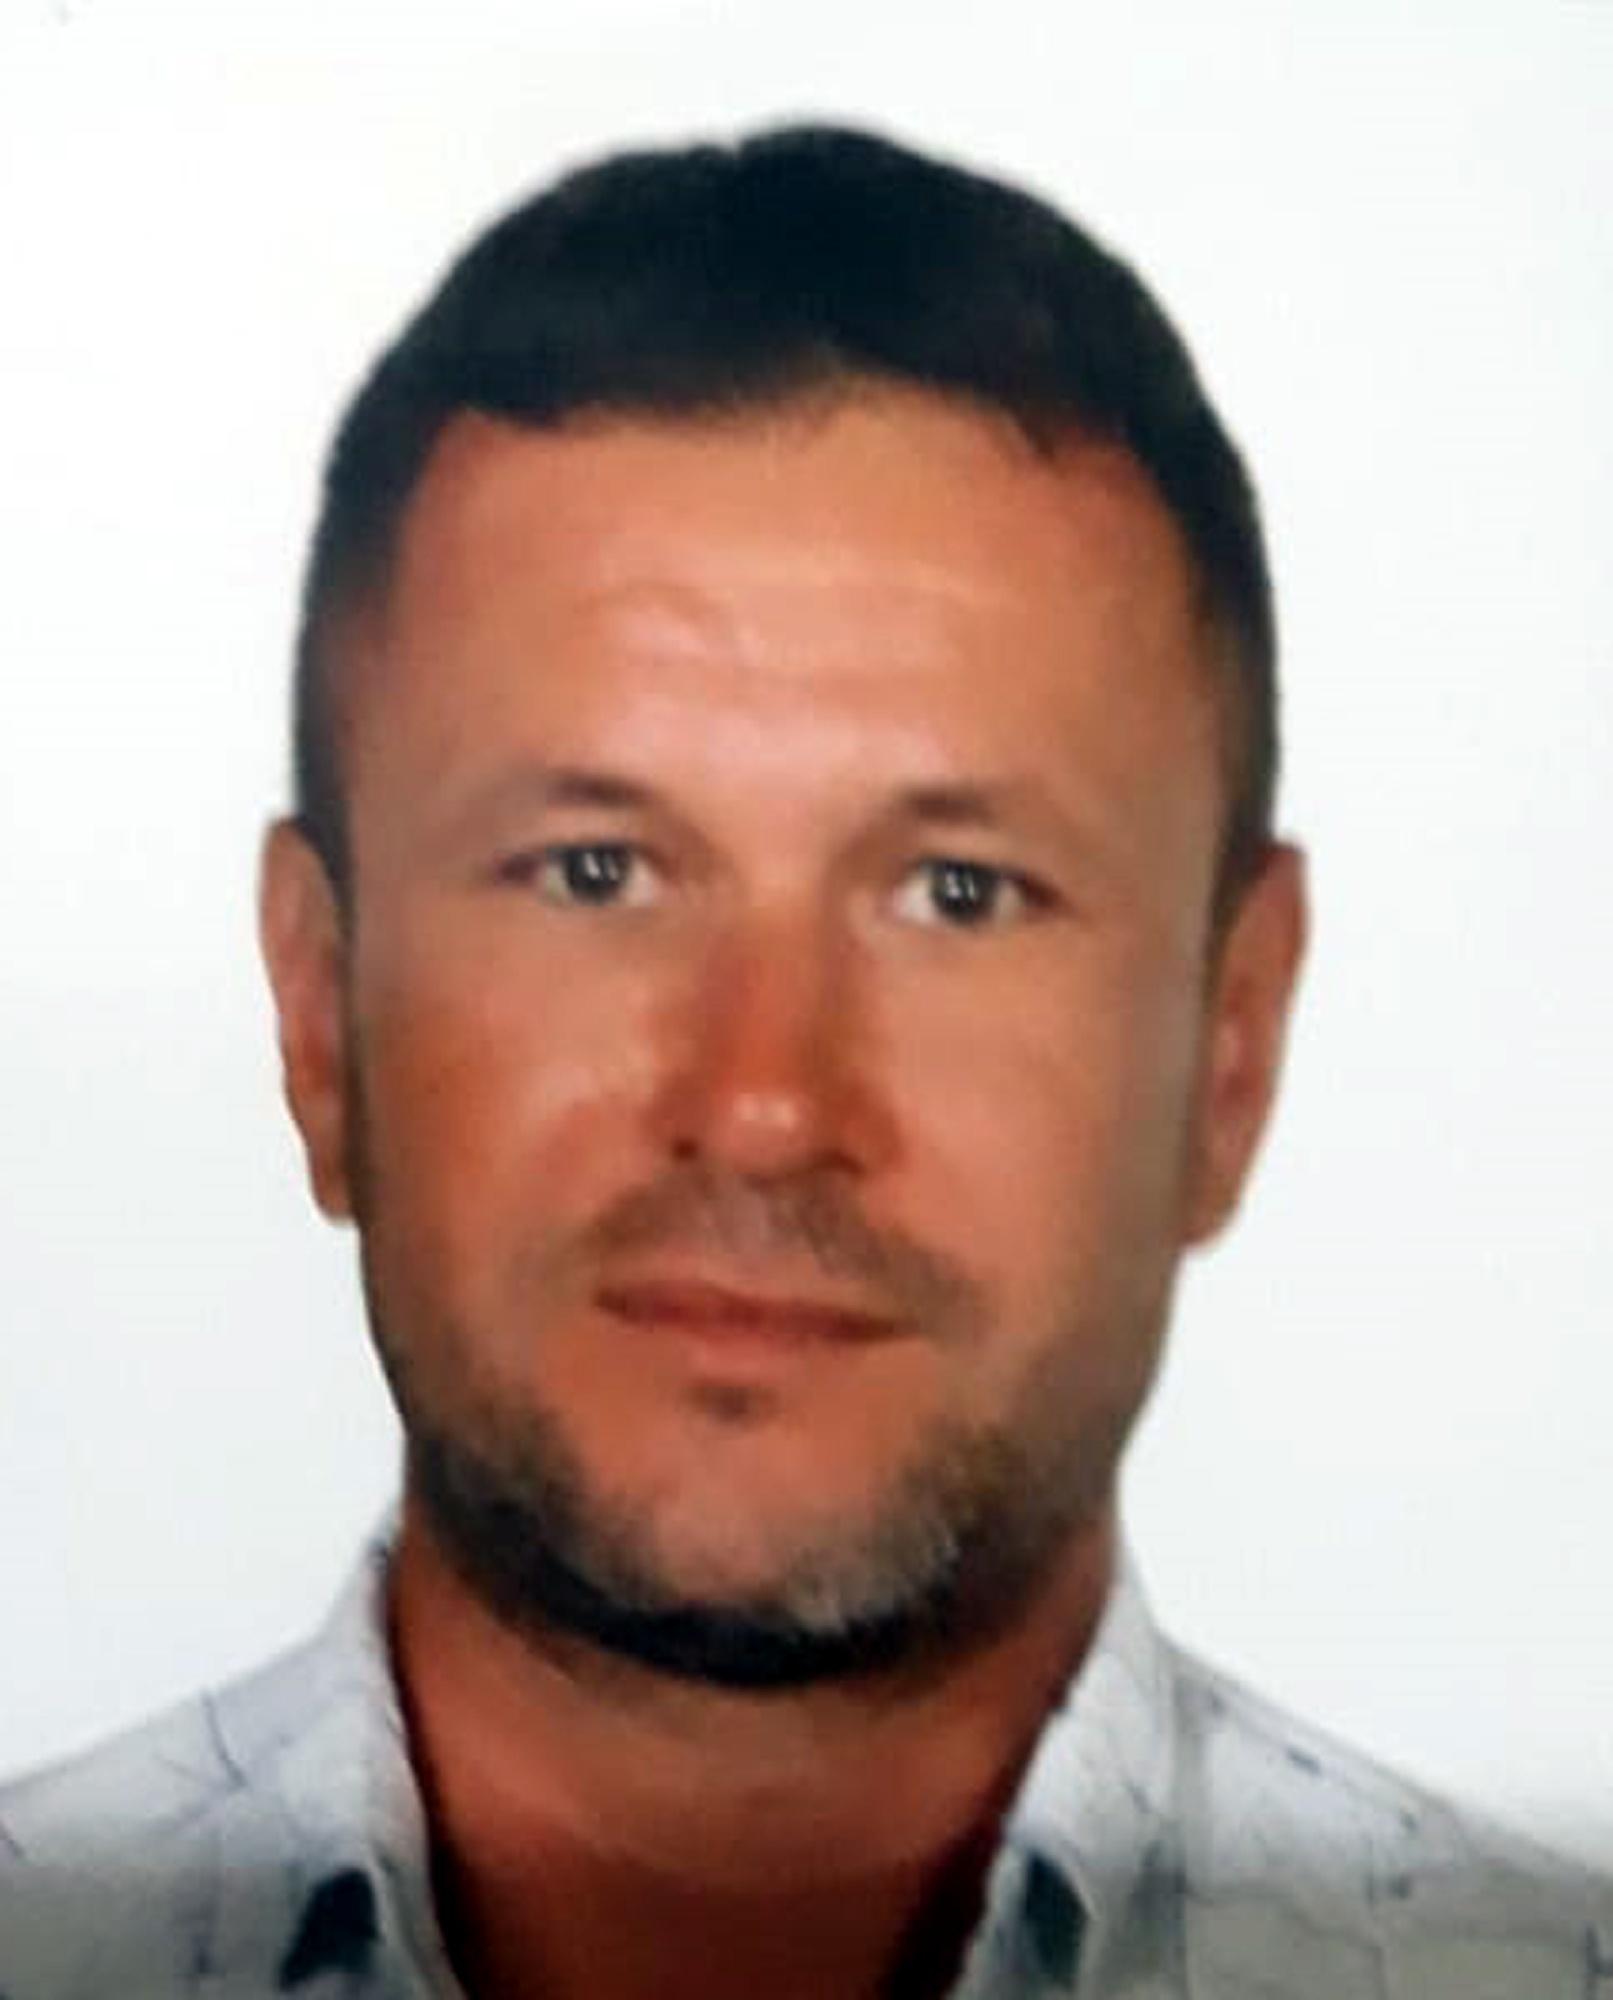 Antalya'da iş cinayeti: Tamir için çıktığı çatıdan düştü